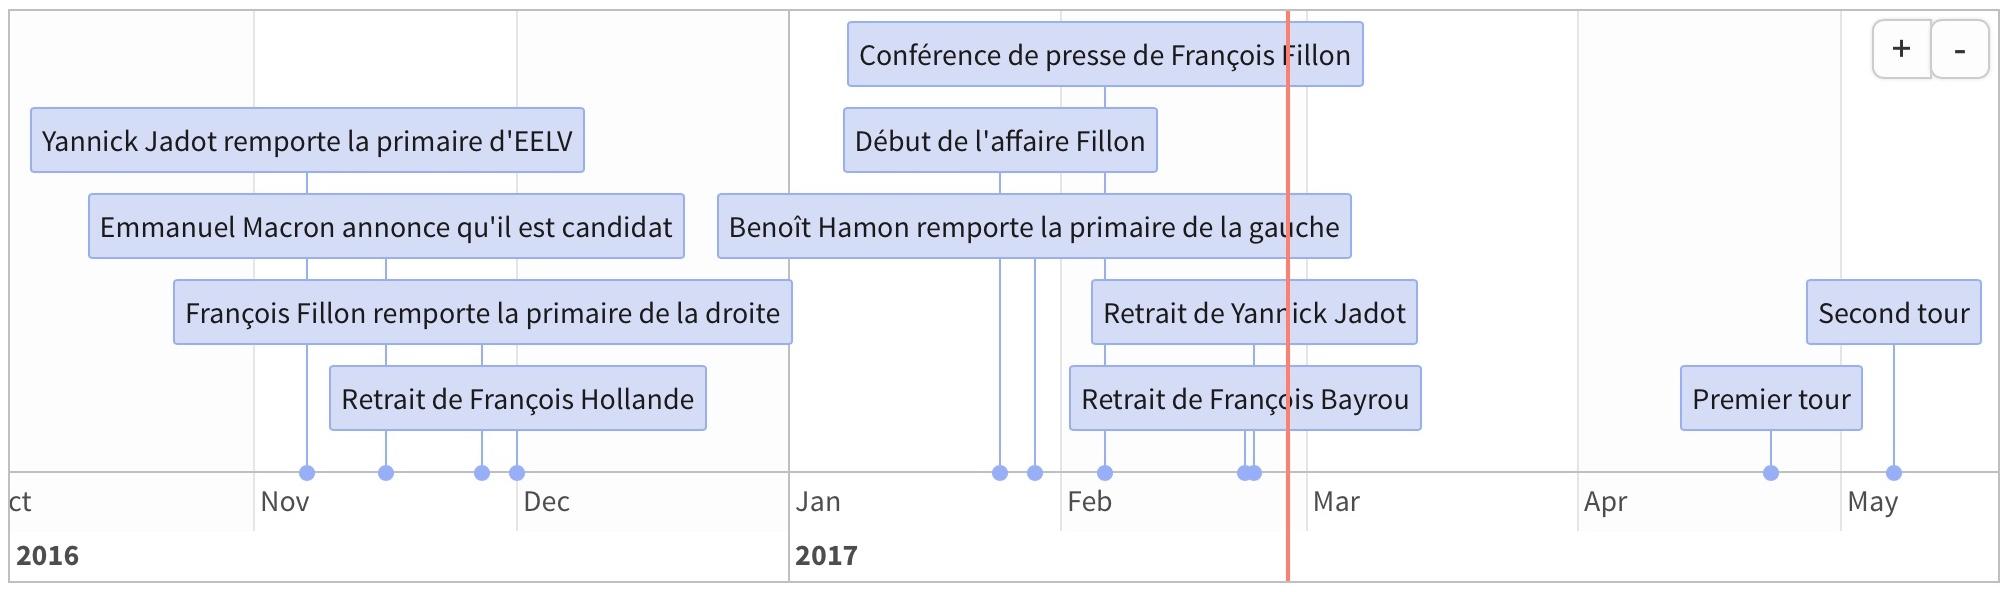 Capture d'écran de la frise chronologique de DataPol